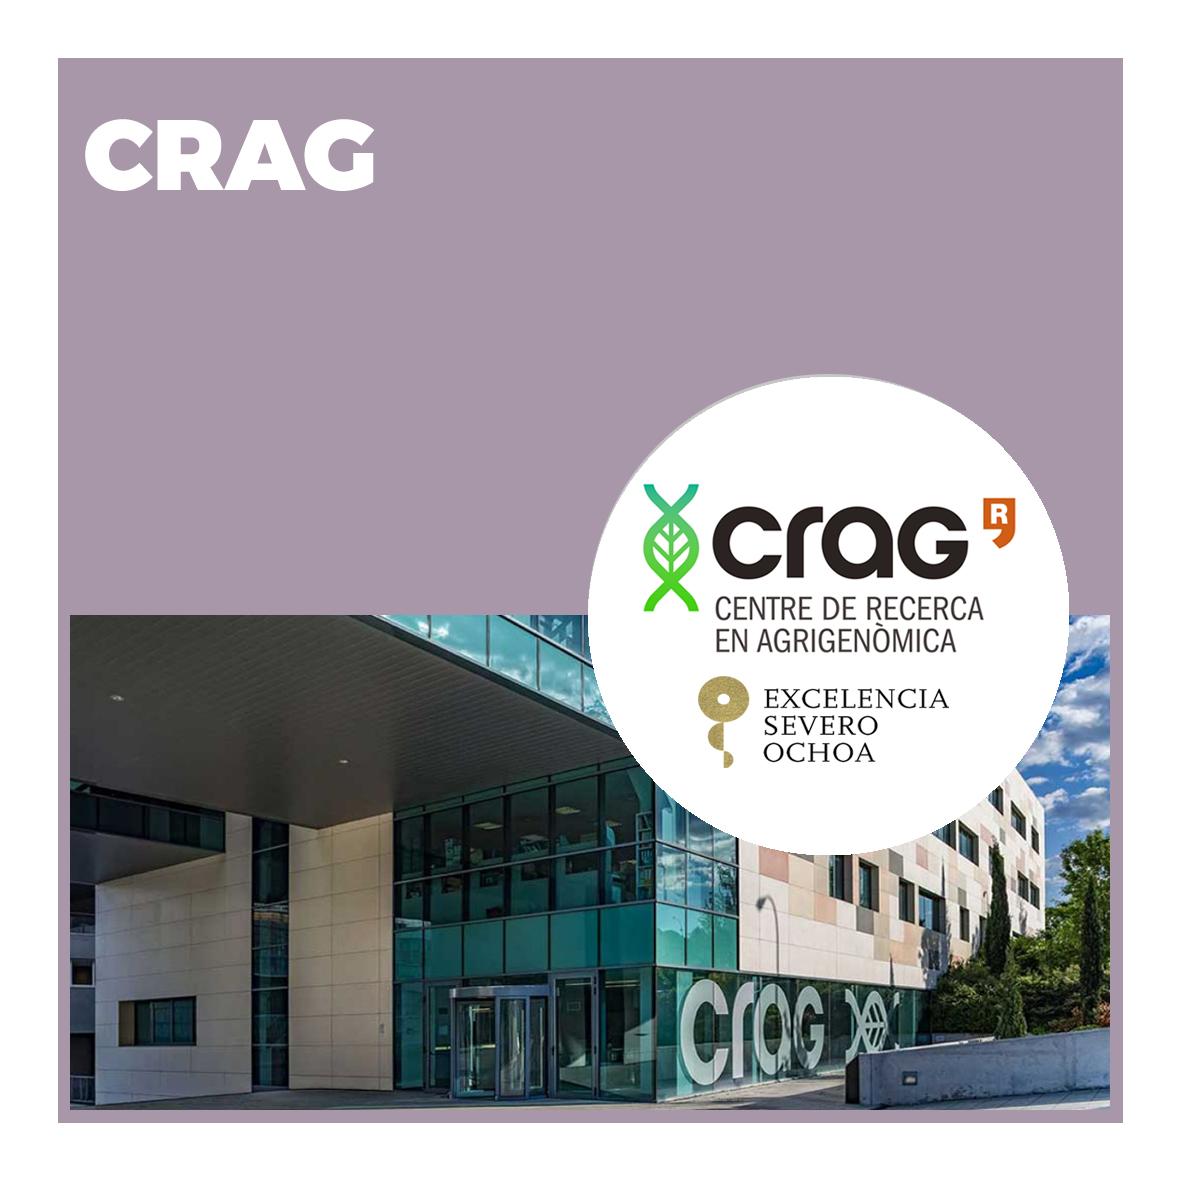 Centro de Investigación Agrigenómica (CRAG)